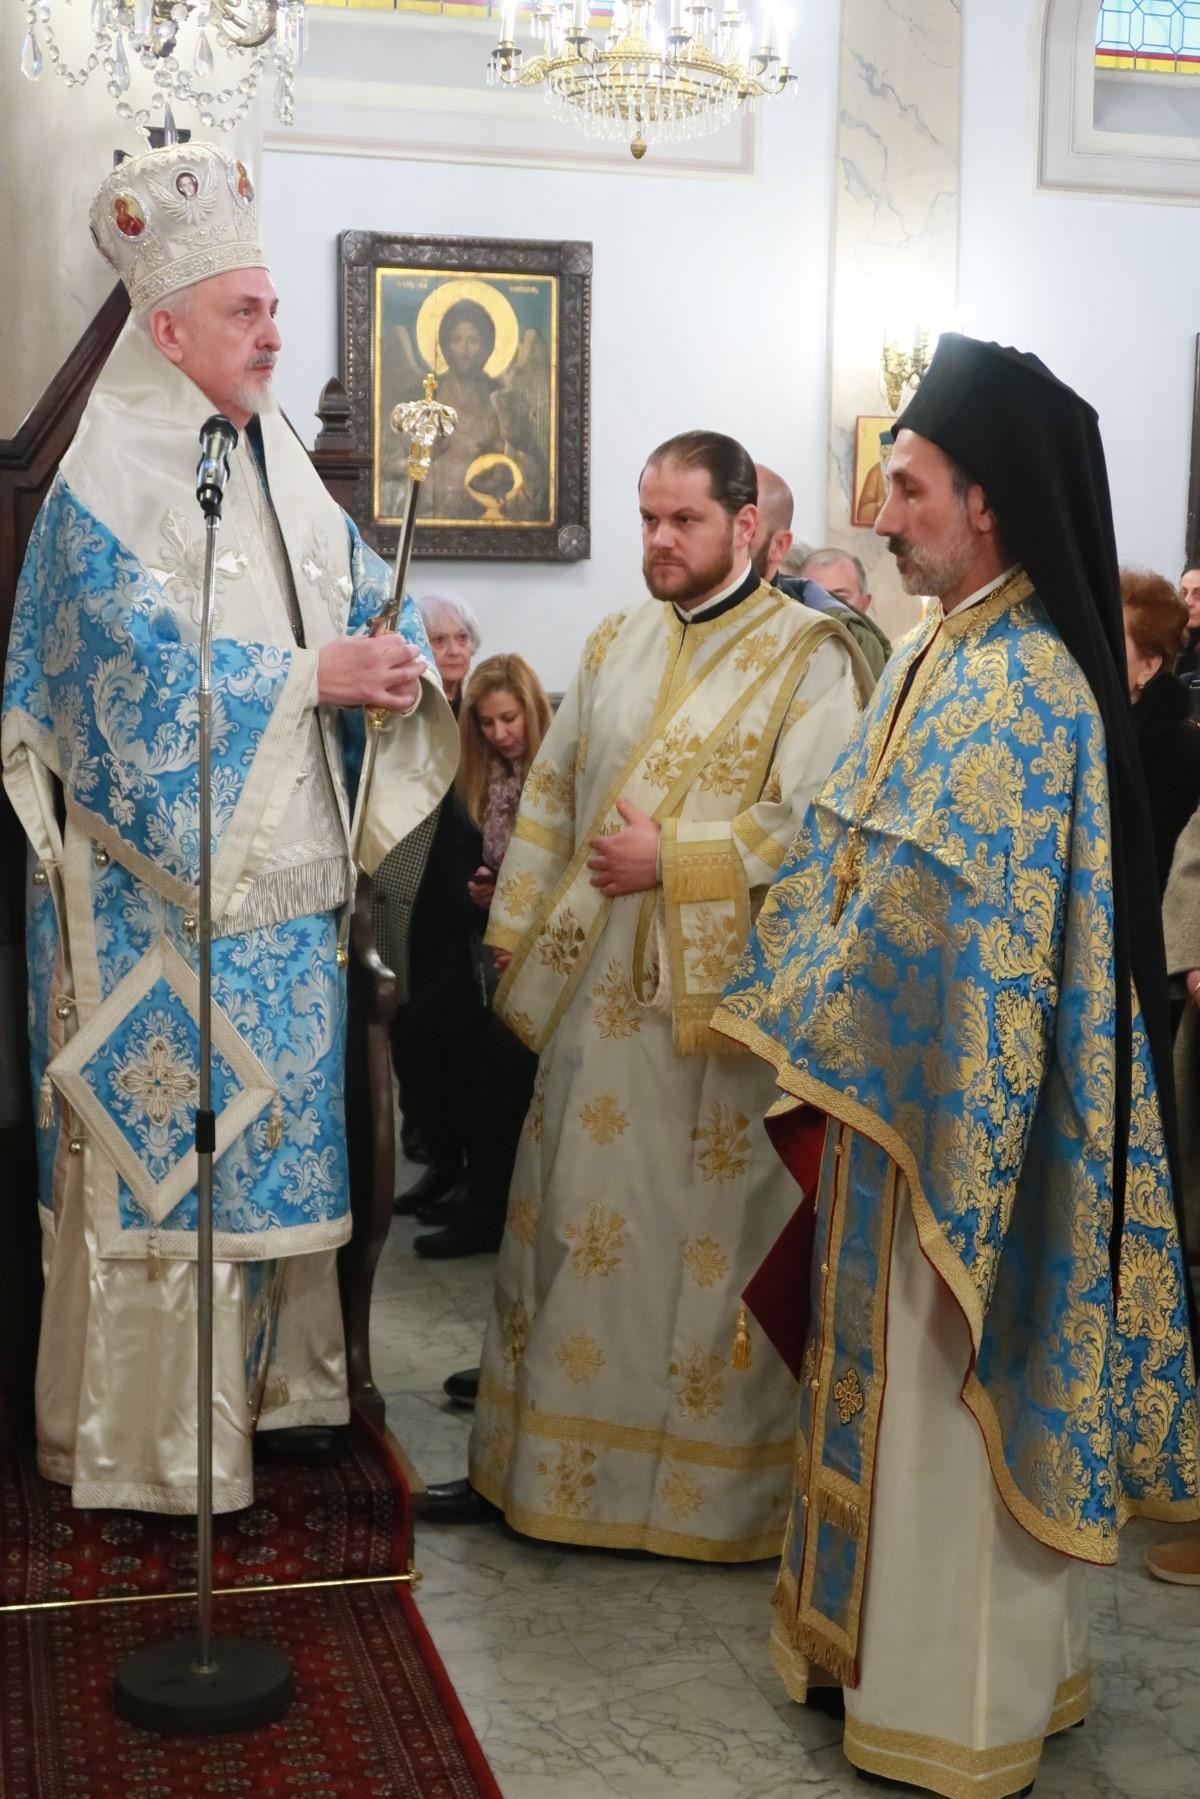 IMG 3688 e1578311023824 - Η κατάδυση του Τιμίου Σταυρού στη Μασσαλία (φωτο)